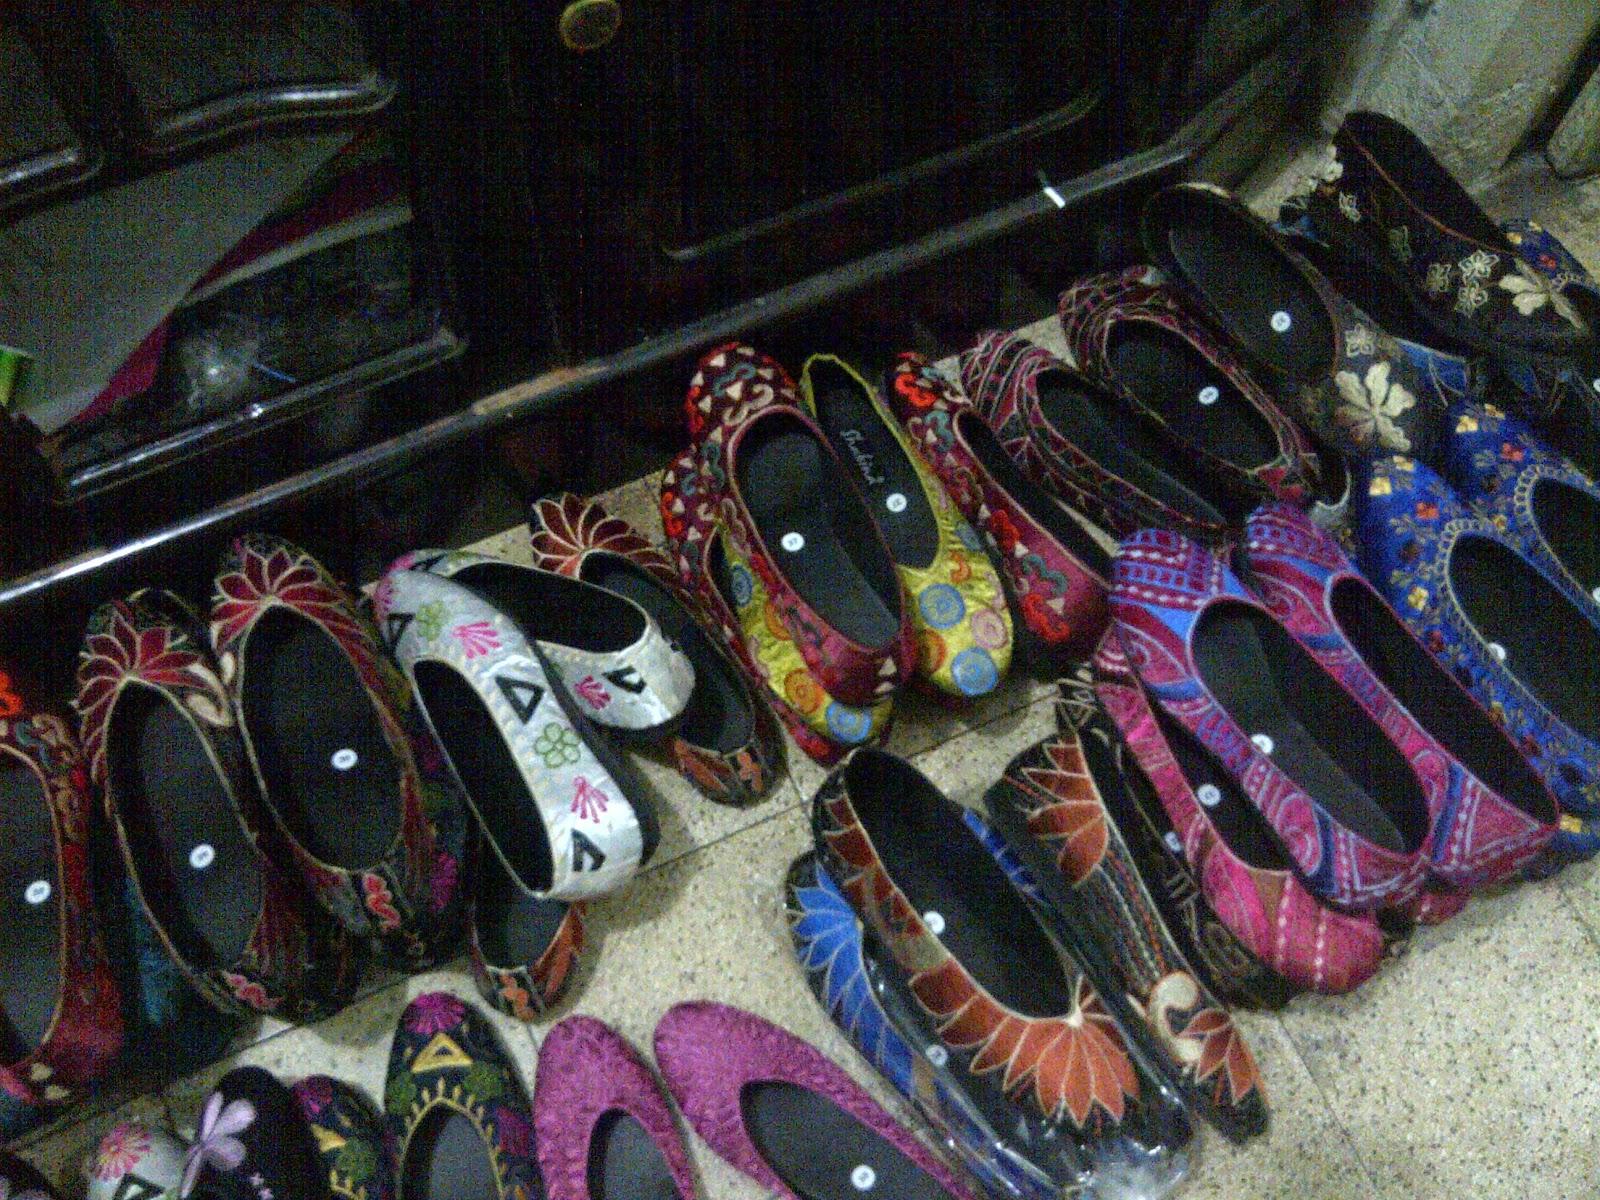 Sepatu Murah Berkualitas, Sepatu Murah Malang, Sepatu Murah Kaskus, www.distributorsepatumurah.com